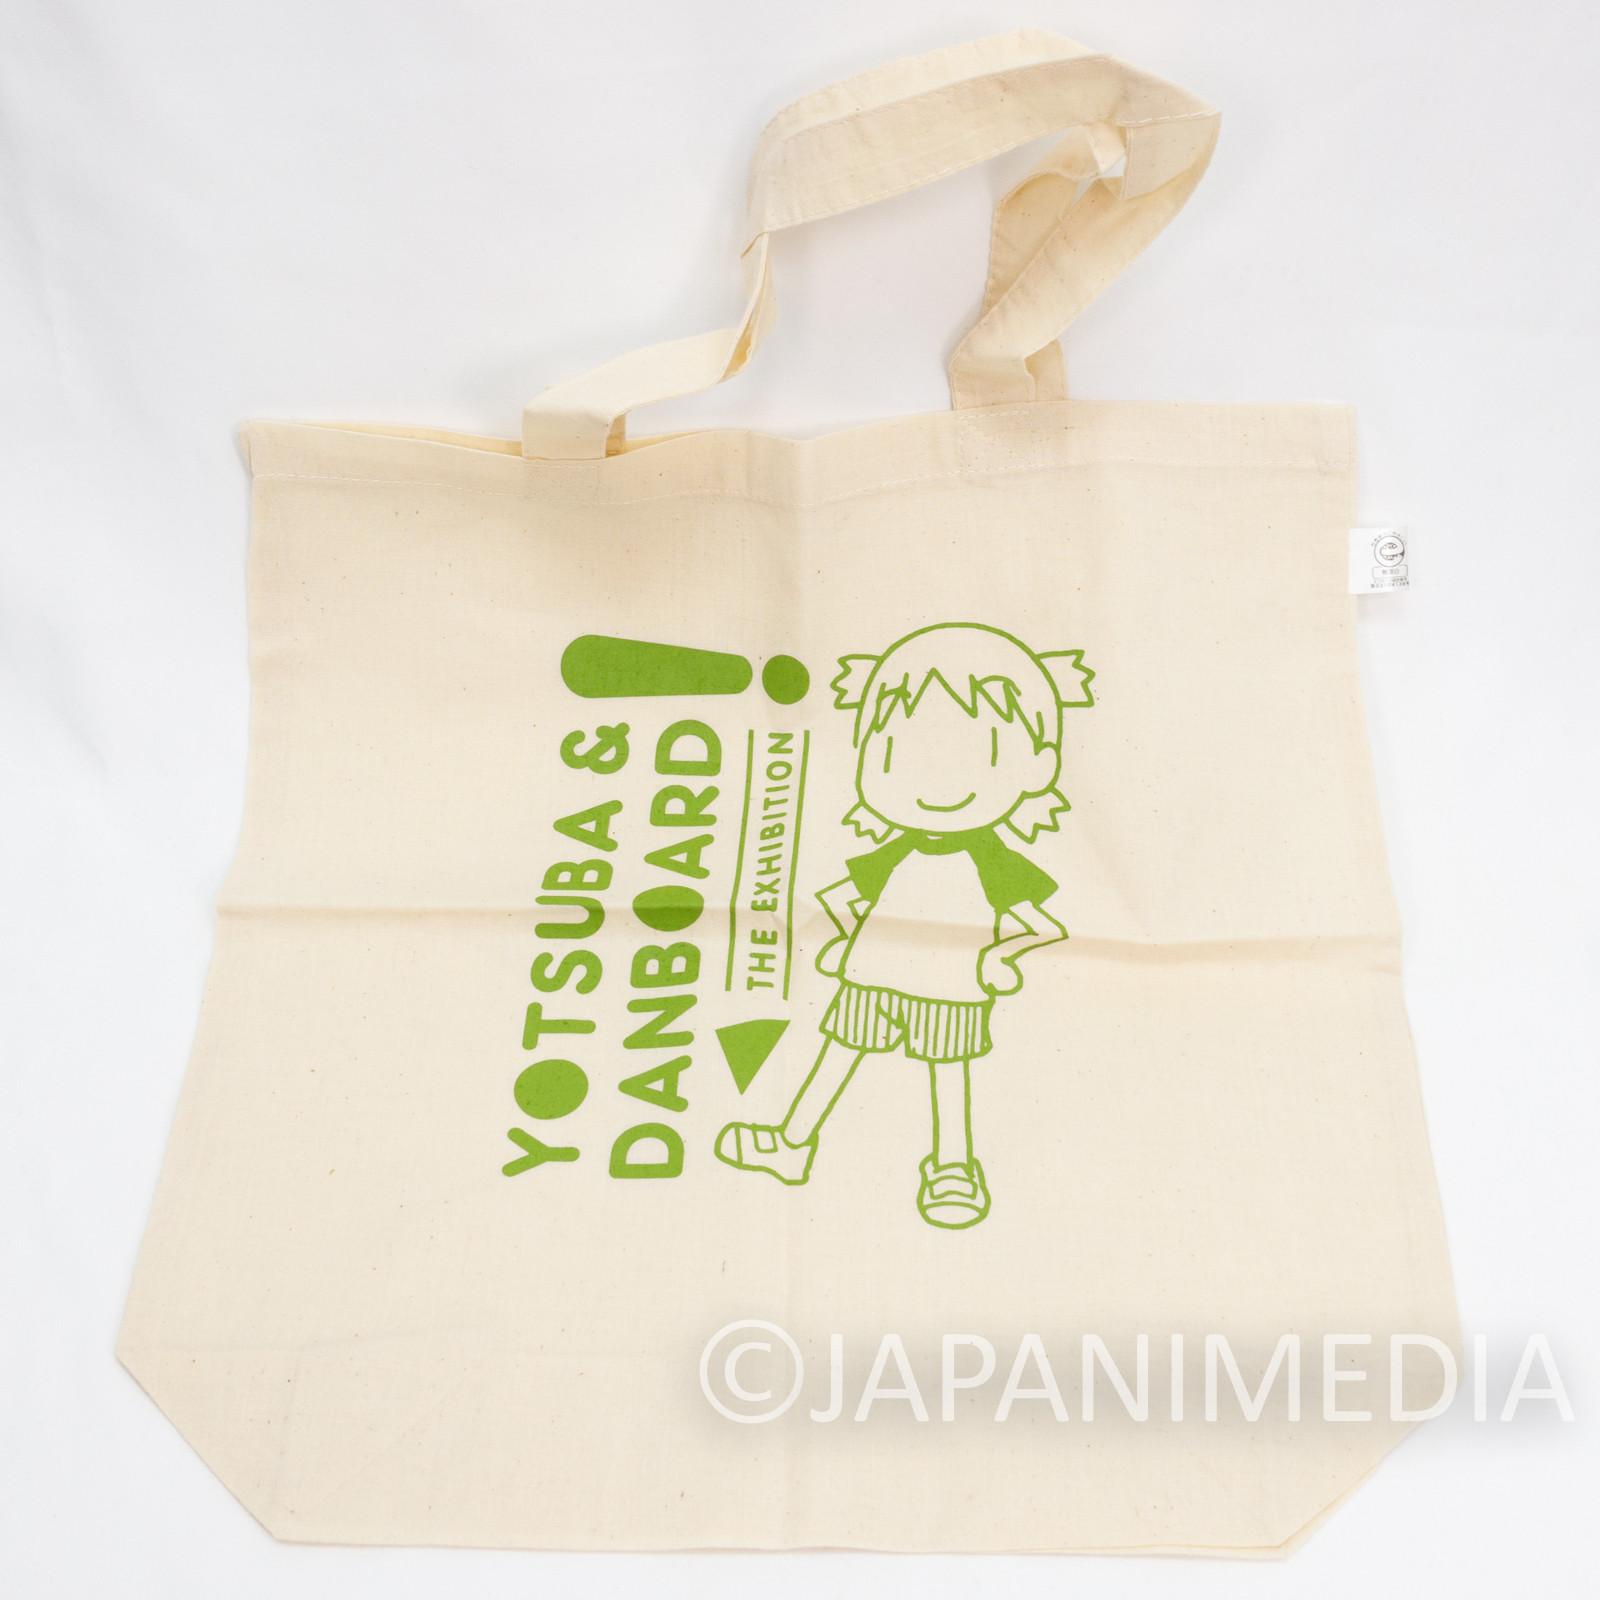 Yotsuba& Yotsuba Tote Bag Danboard Exhibition Limited JAPAN ANIME MANGA